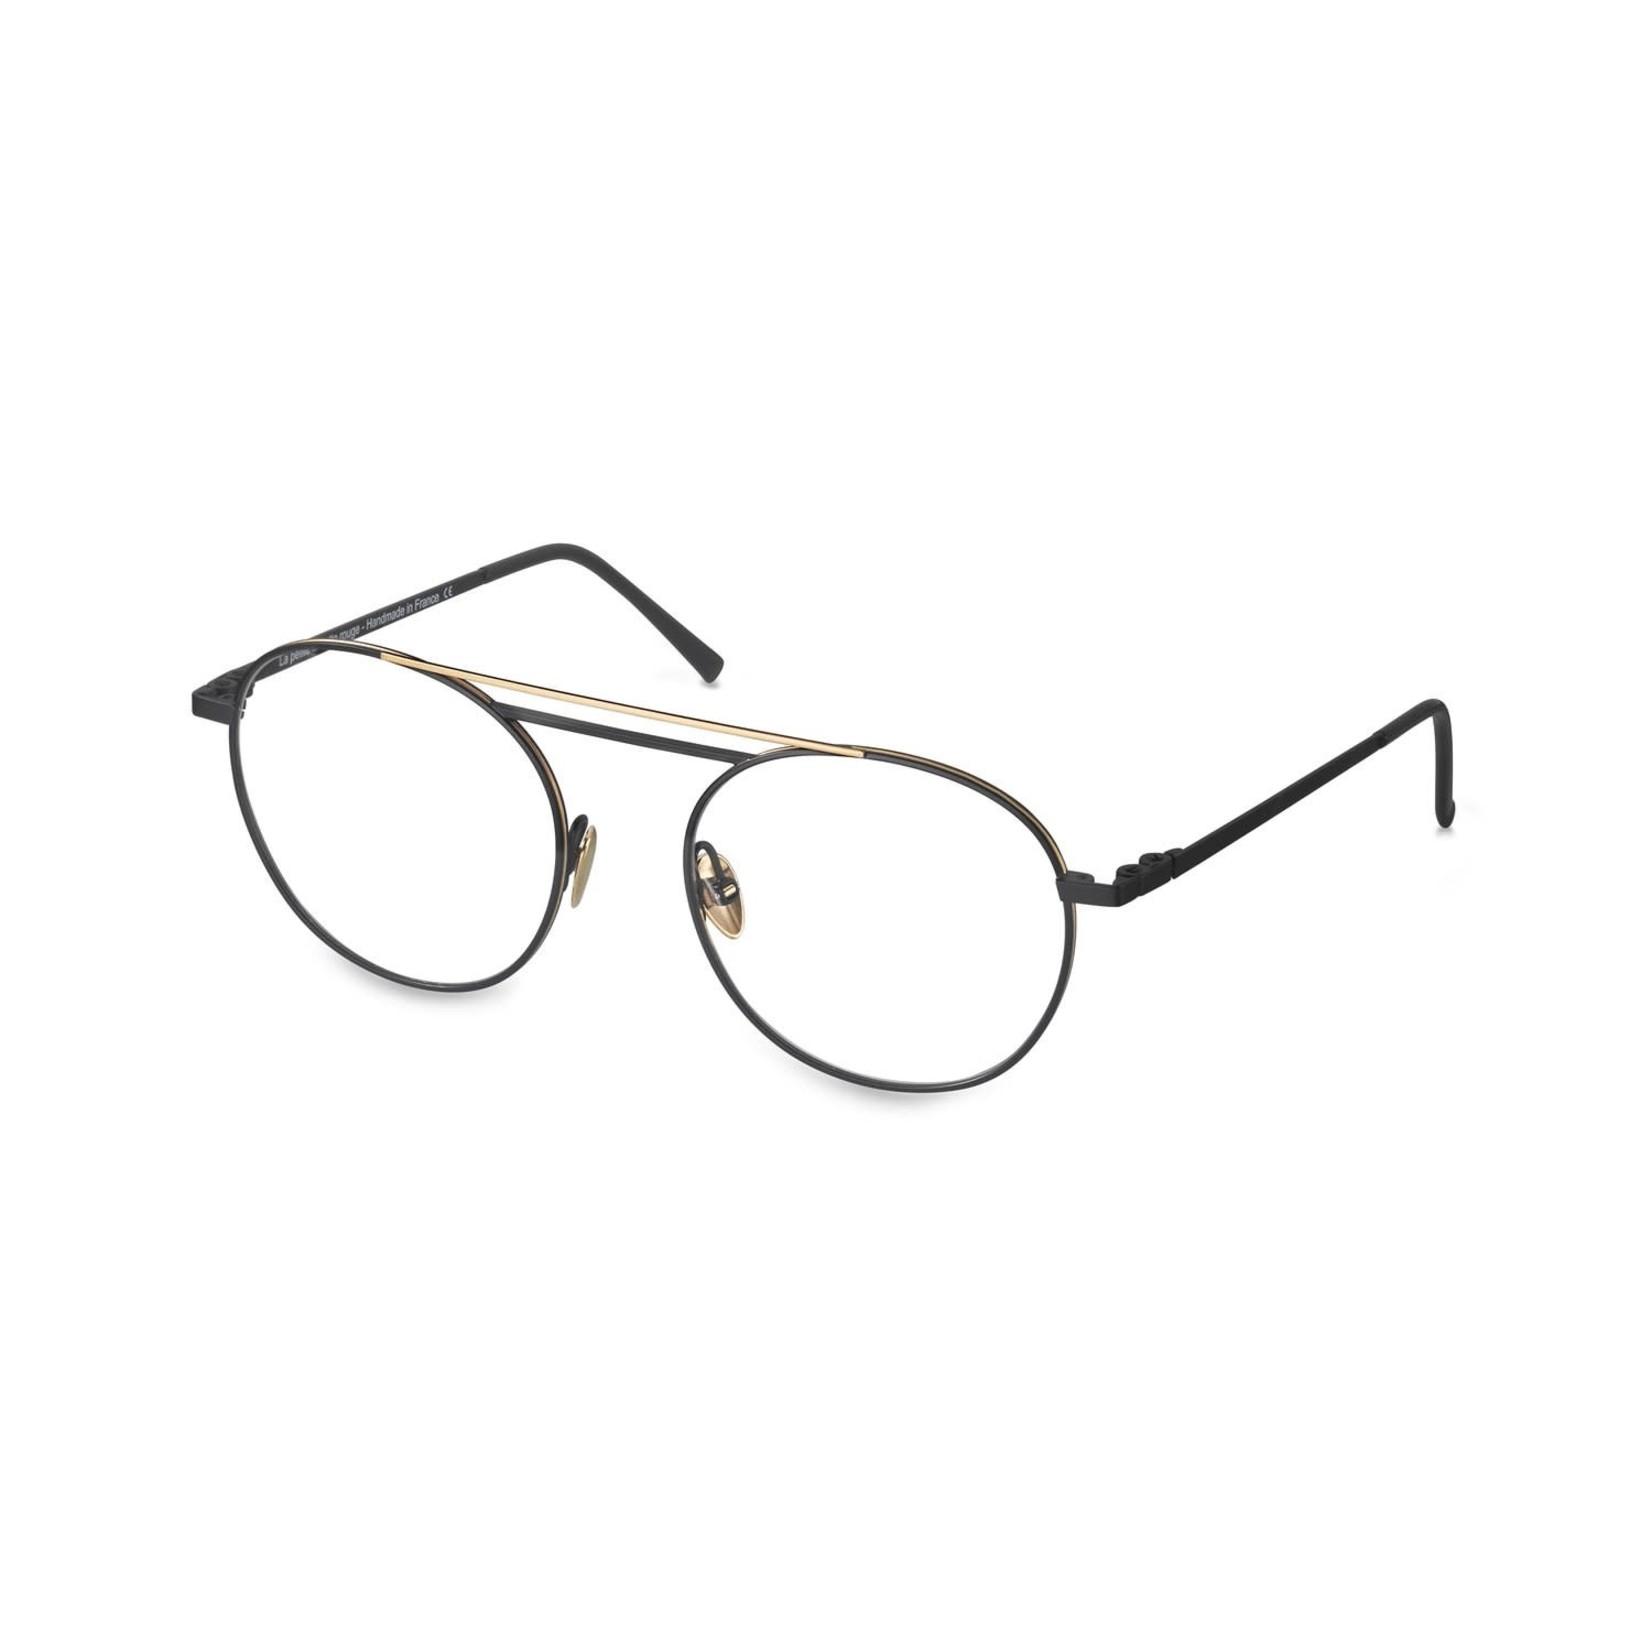 La Petite Lunette Eyewear LPLR Scoube